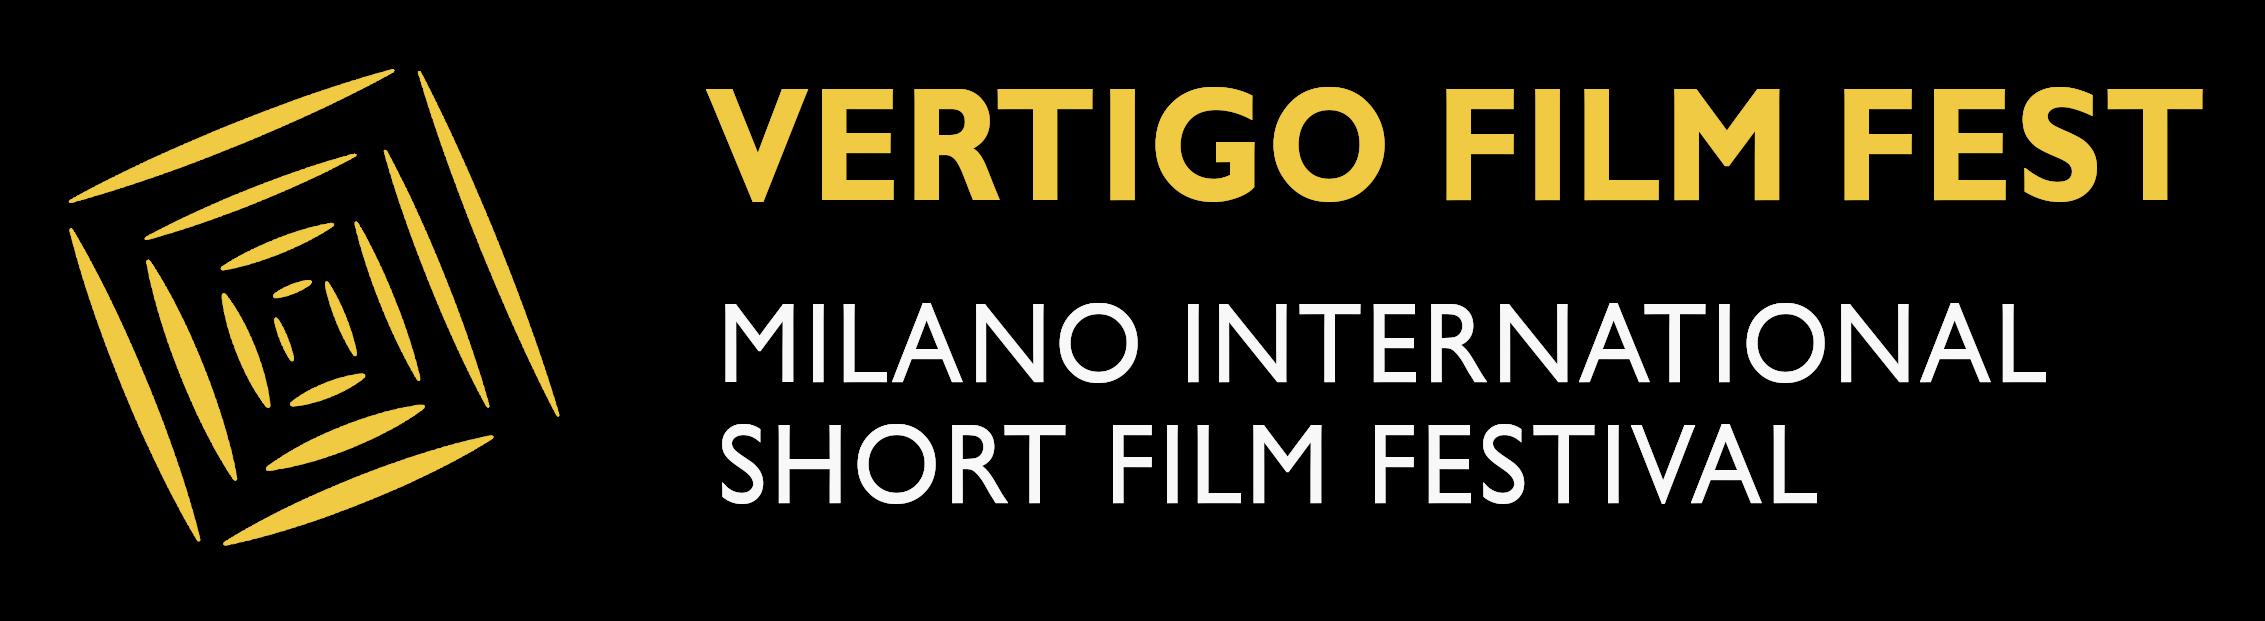 Vertigo Film Fest